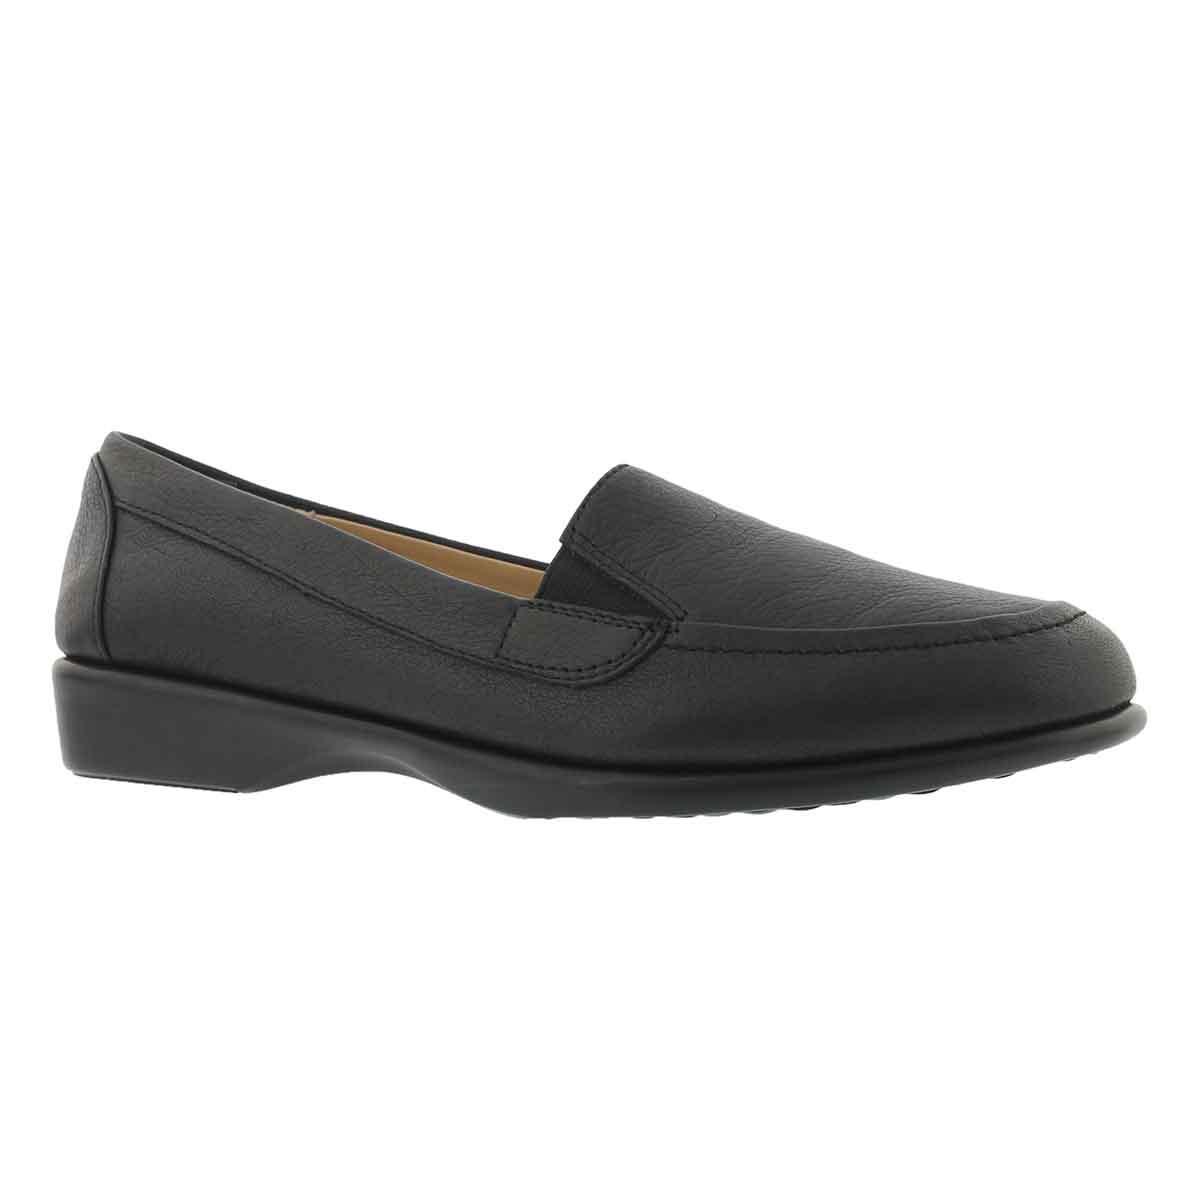 Women's JENNAH PARADISE black dress loafers